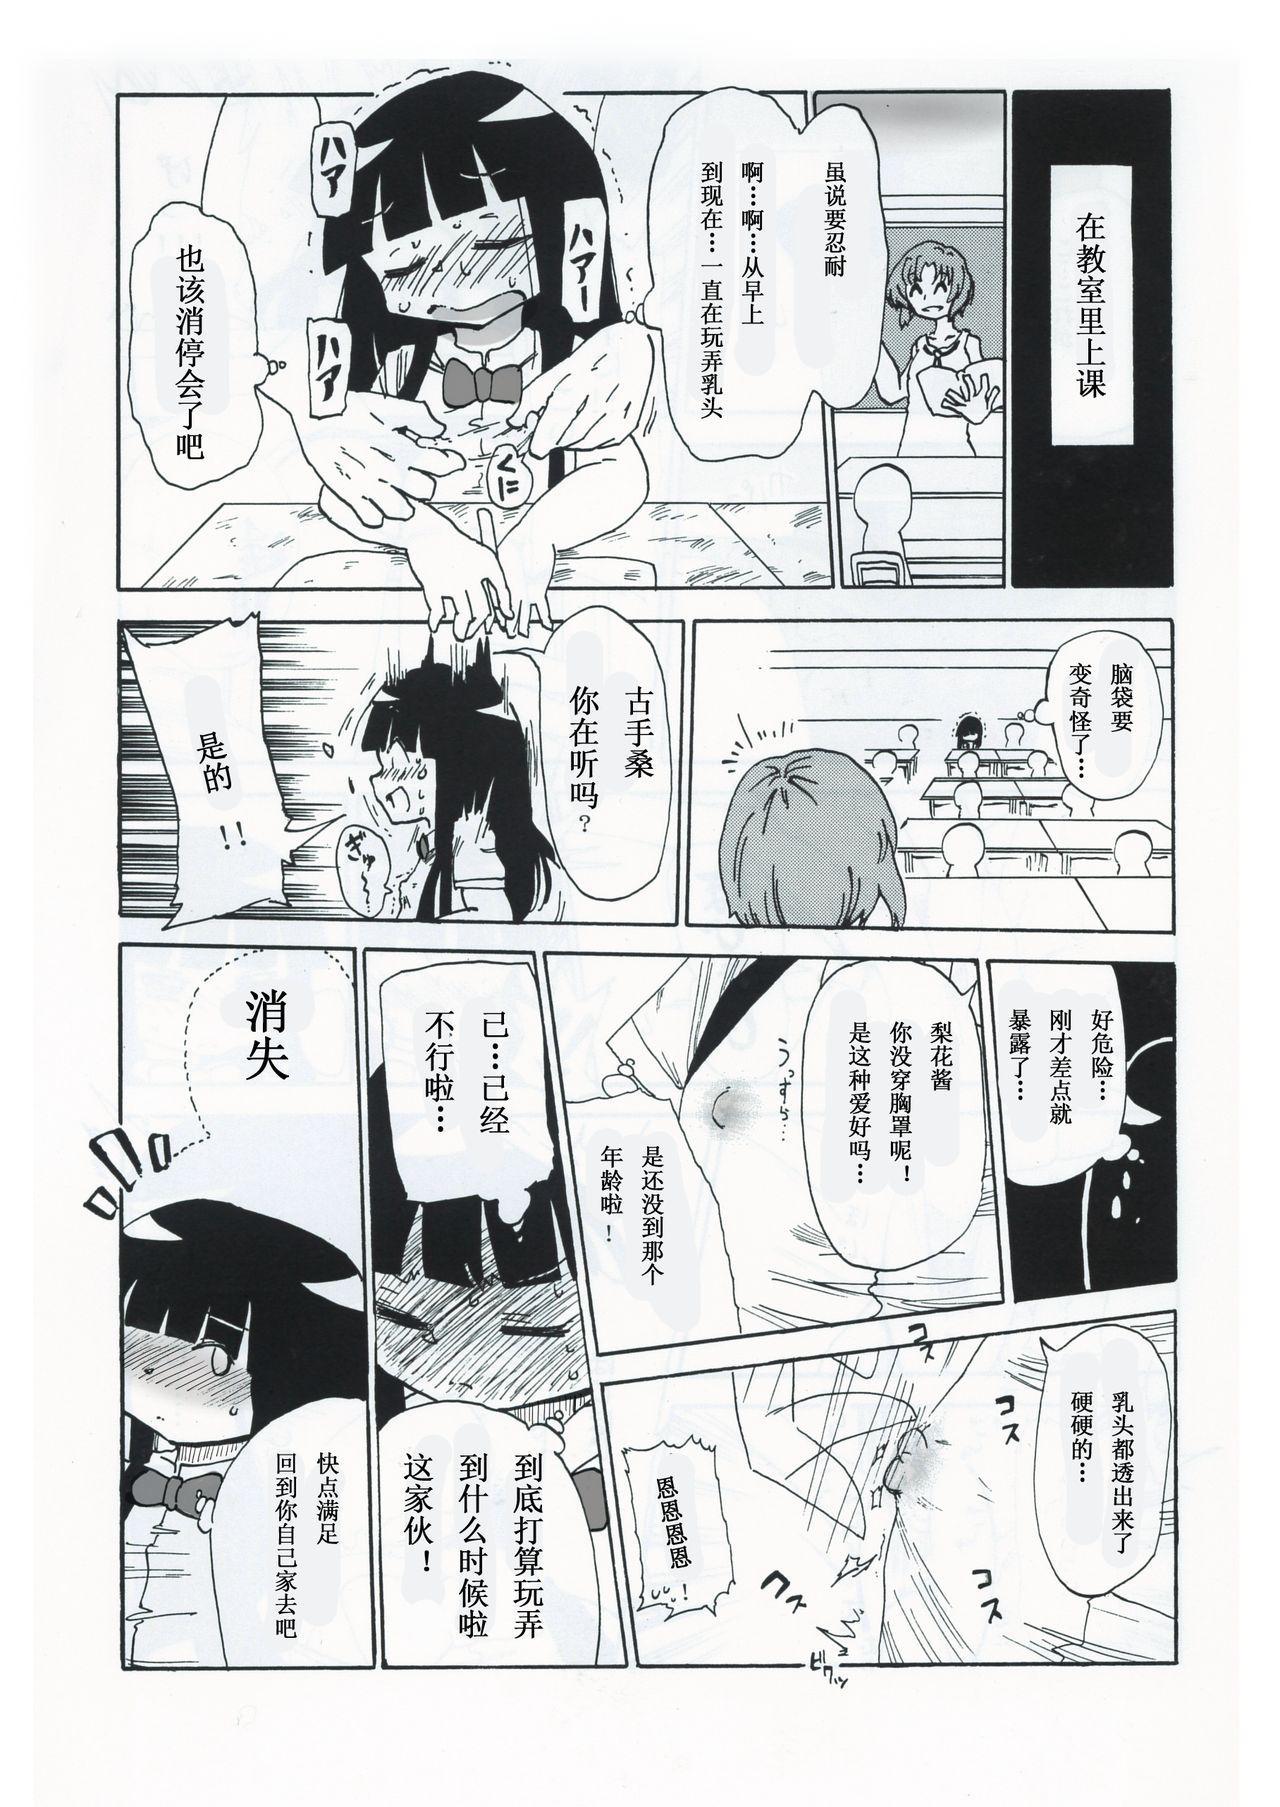 Kiki Kaikai! | 奇奇怪怪 6